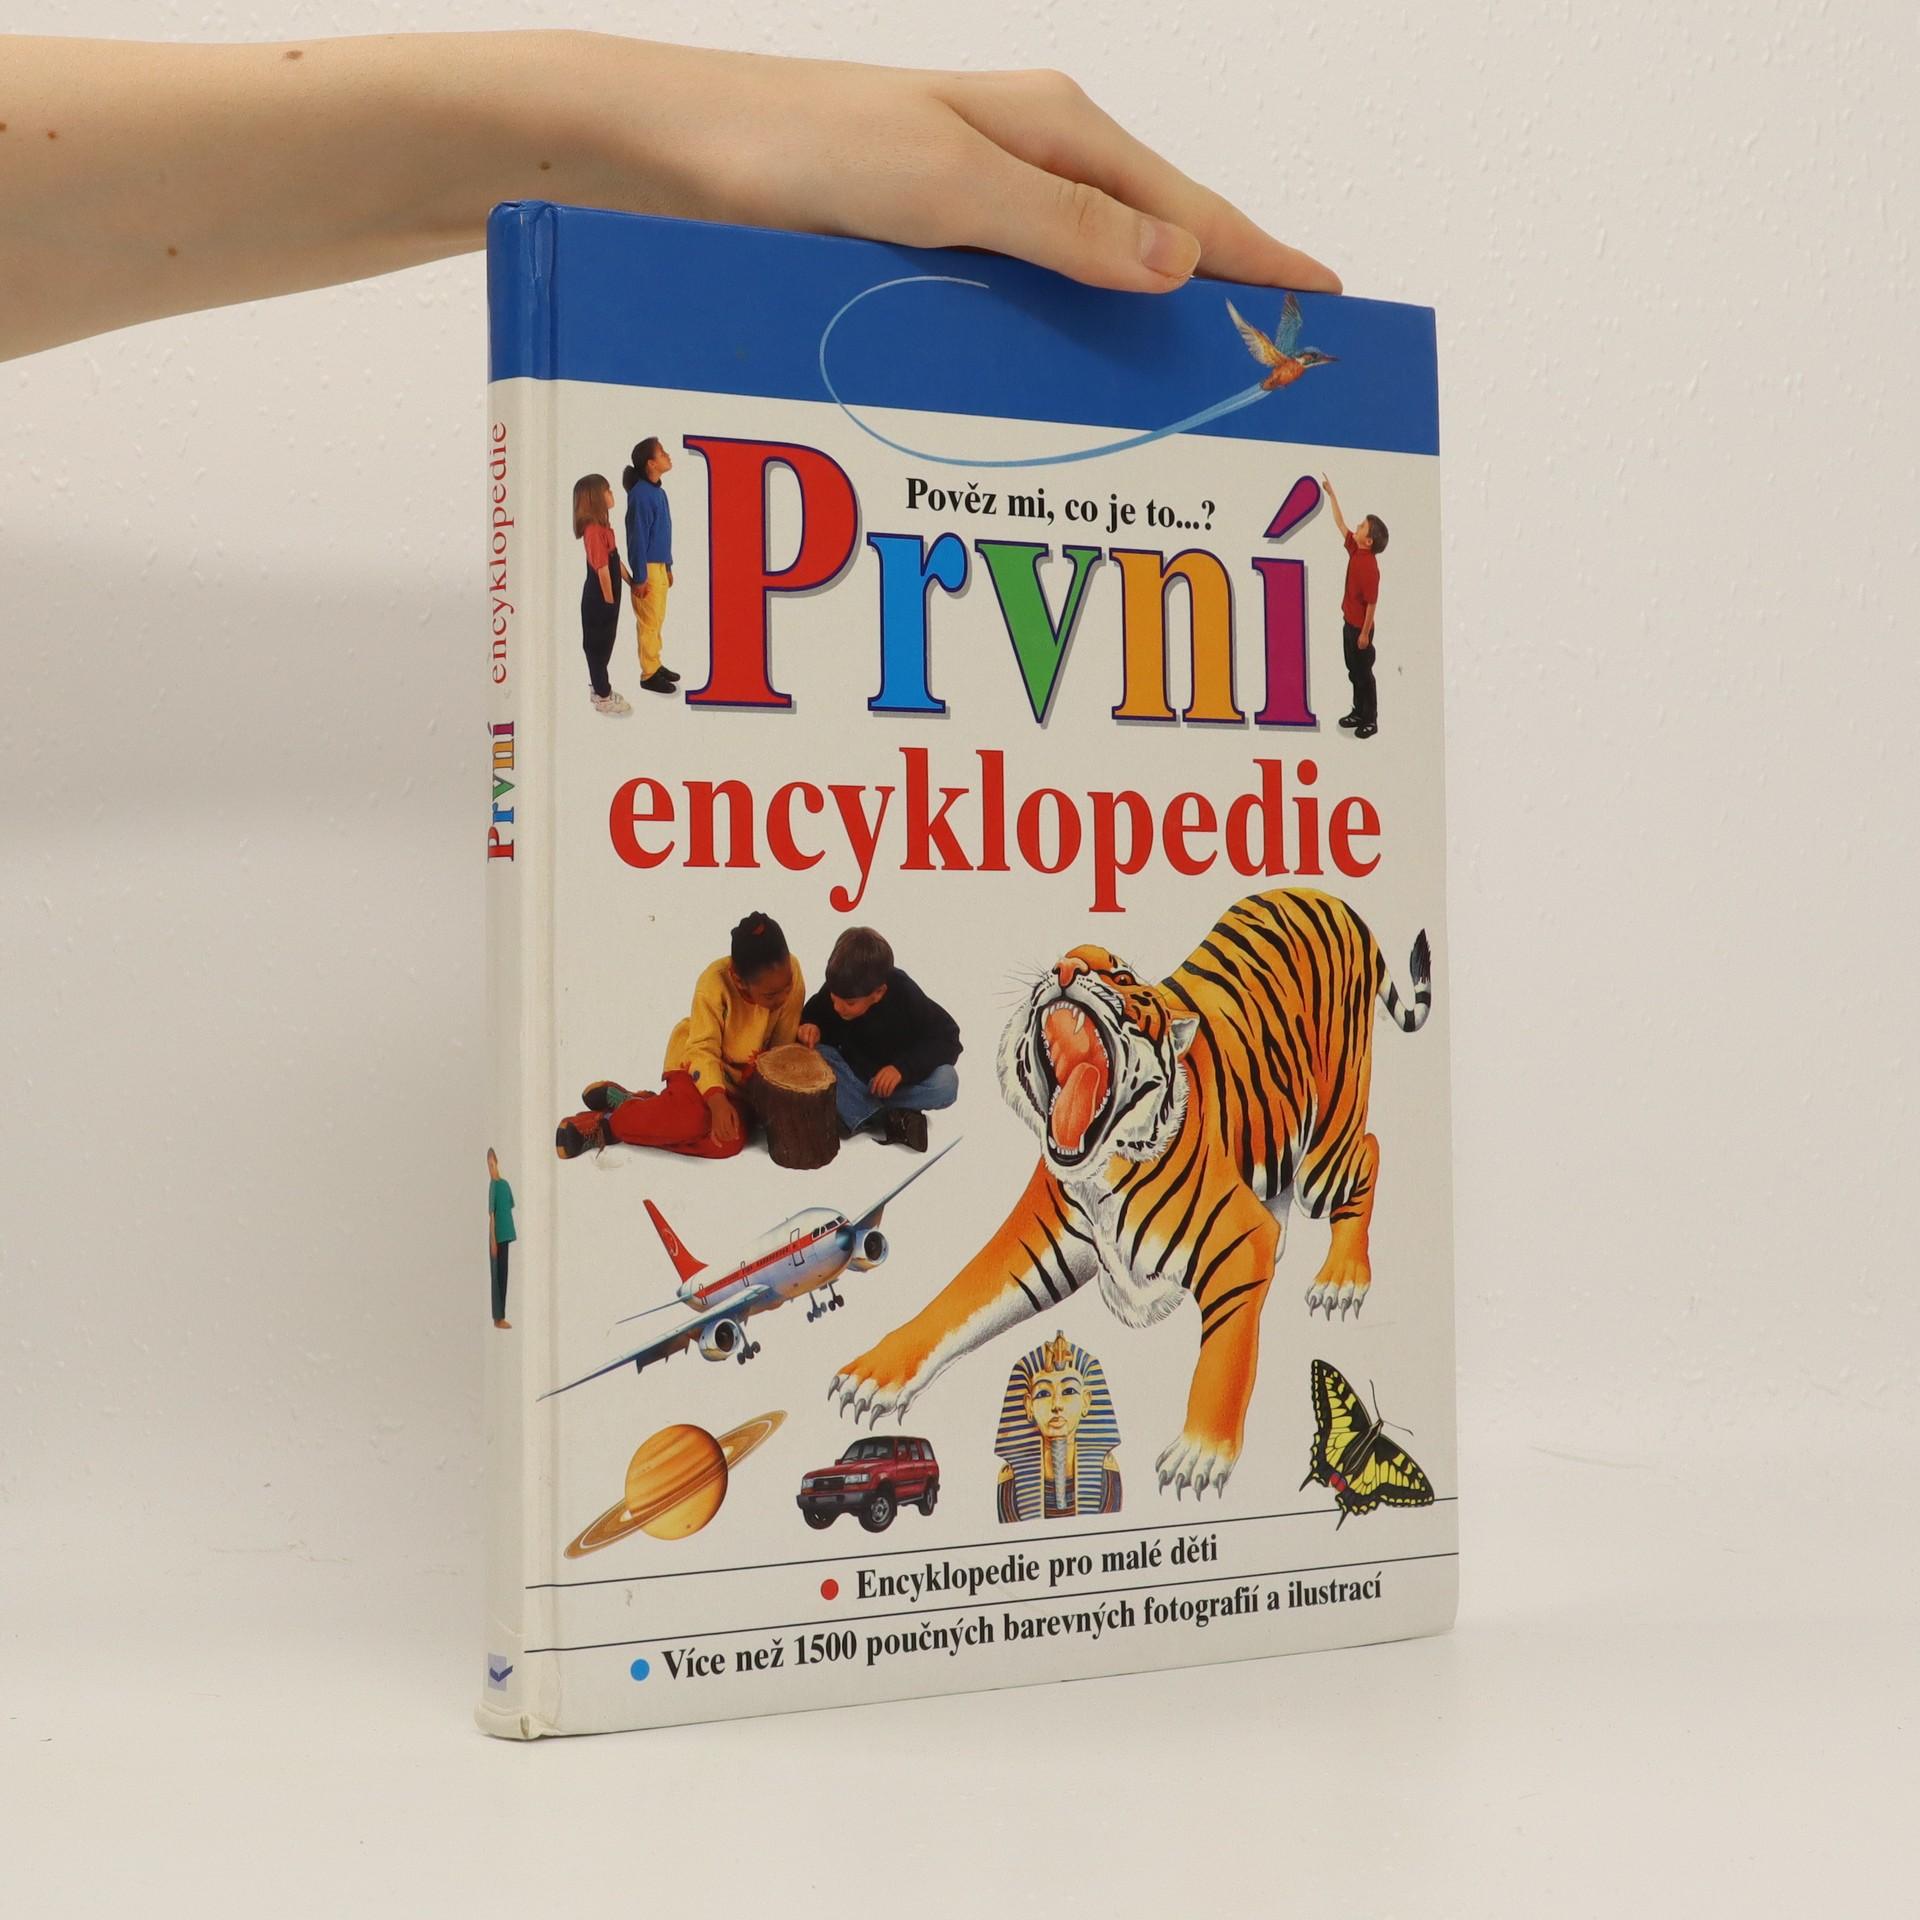 antikvární kniha První encyklopedie, 1998